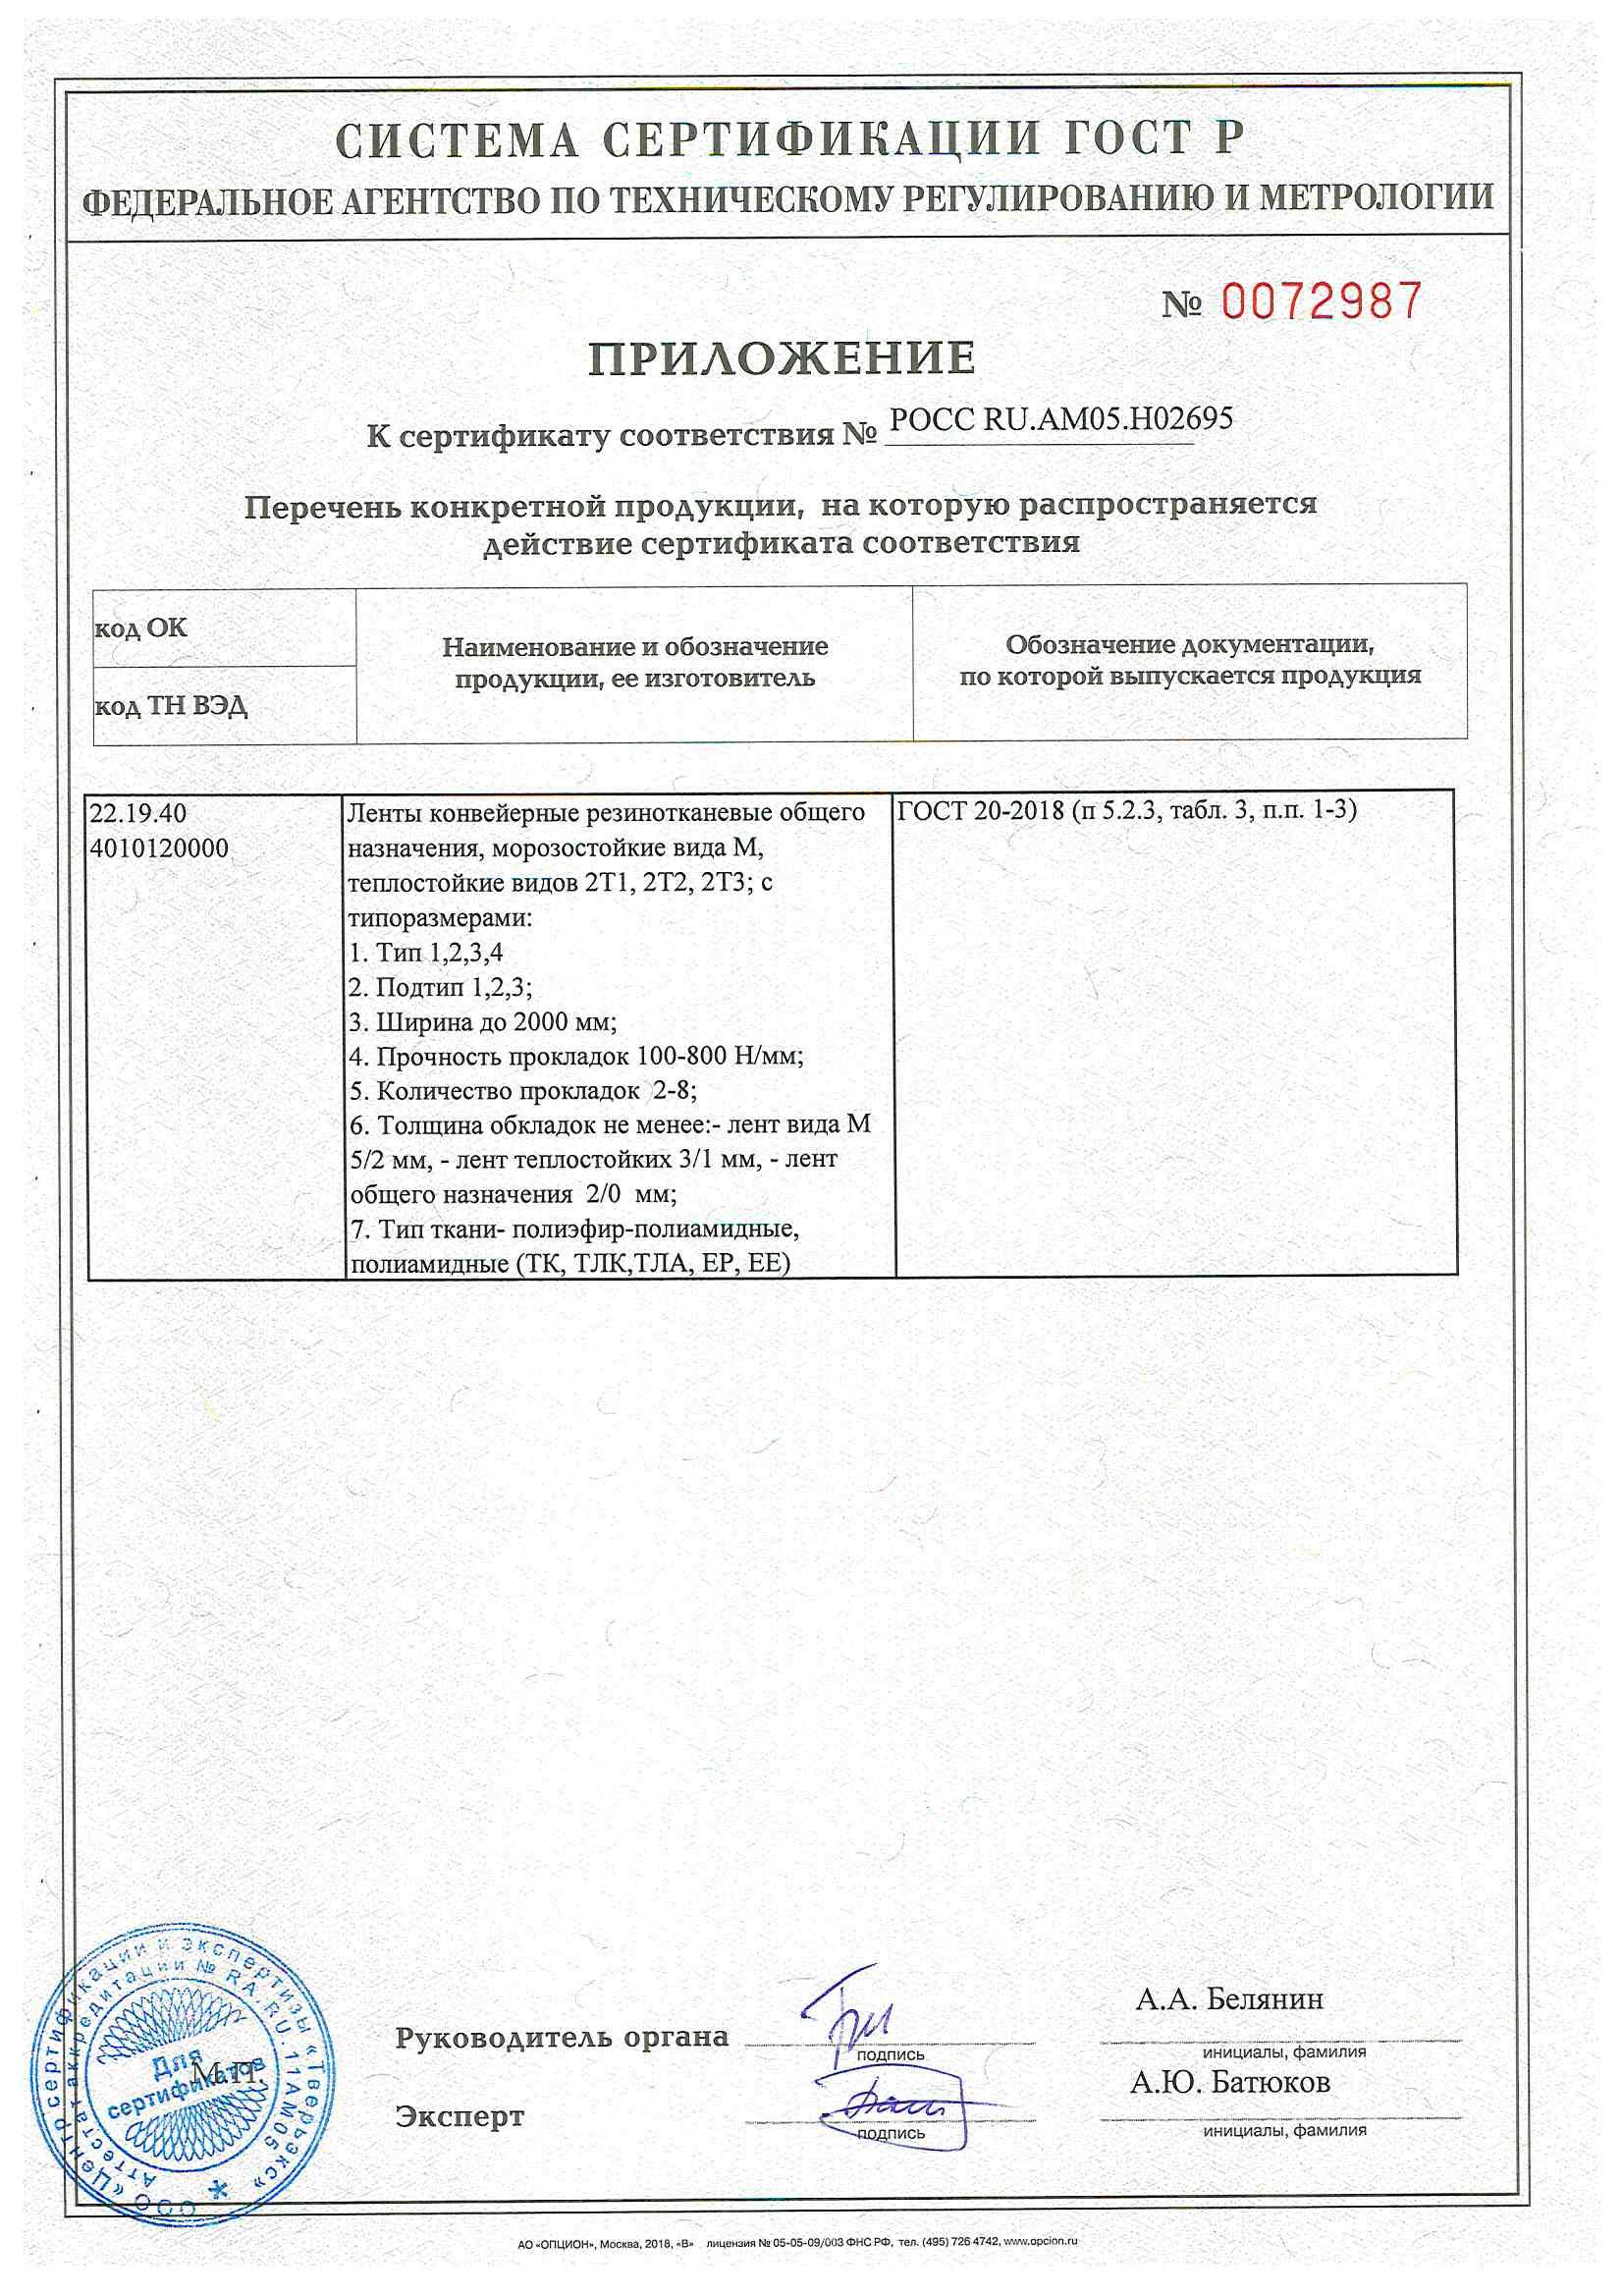 Приложение к сертификату РОСС RU.АМ05.Н02695 на общего назначения ленты по ГОСТ 20-2018